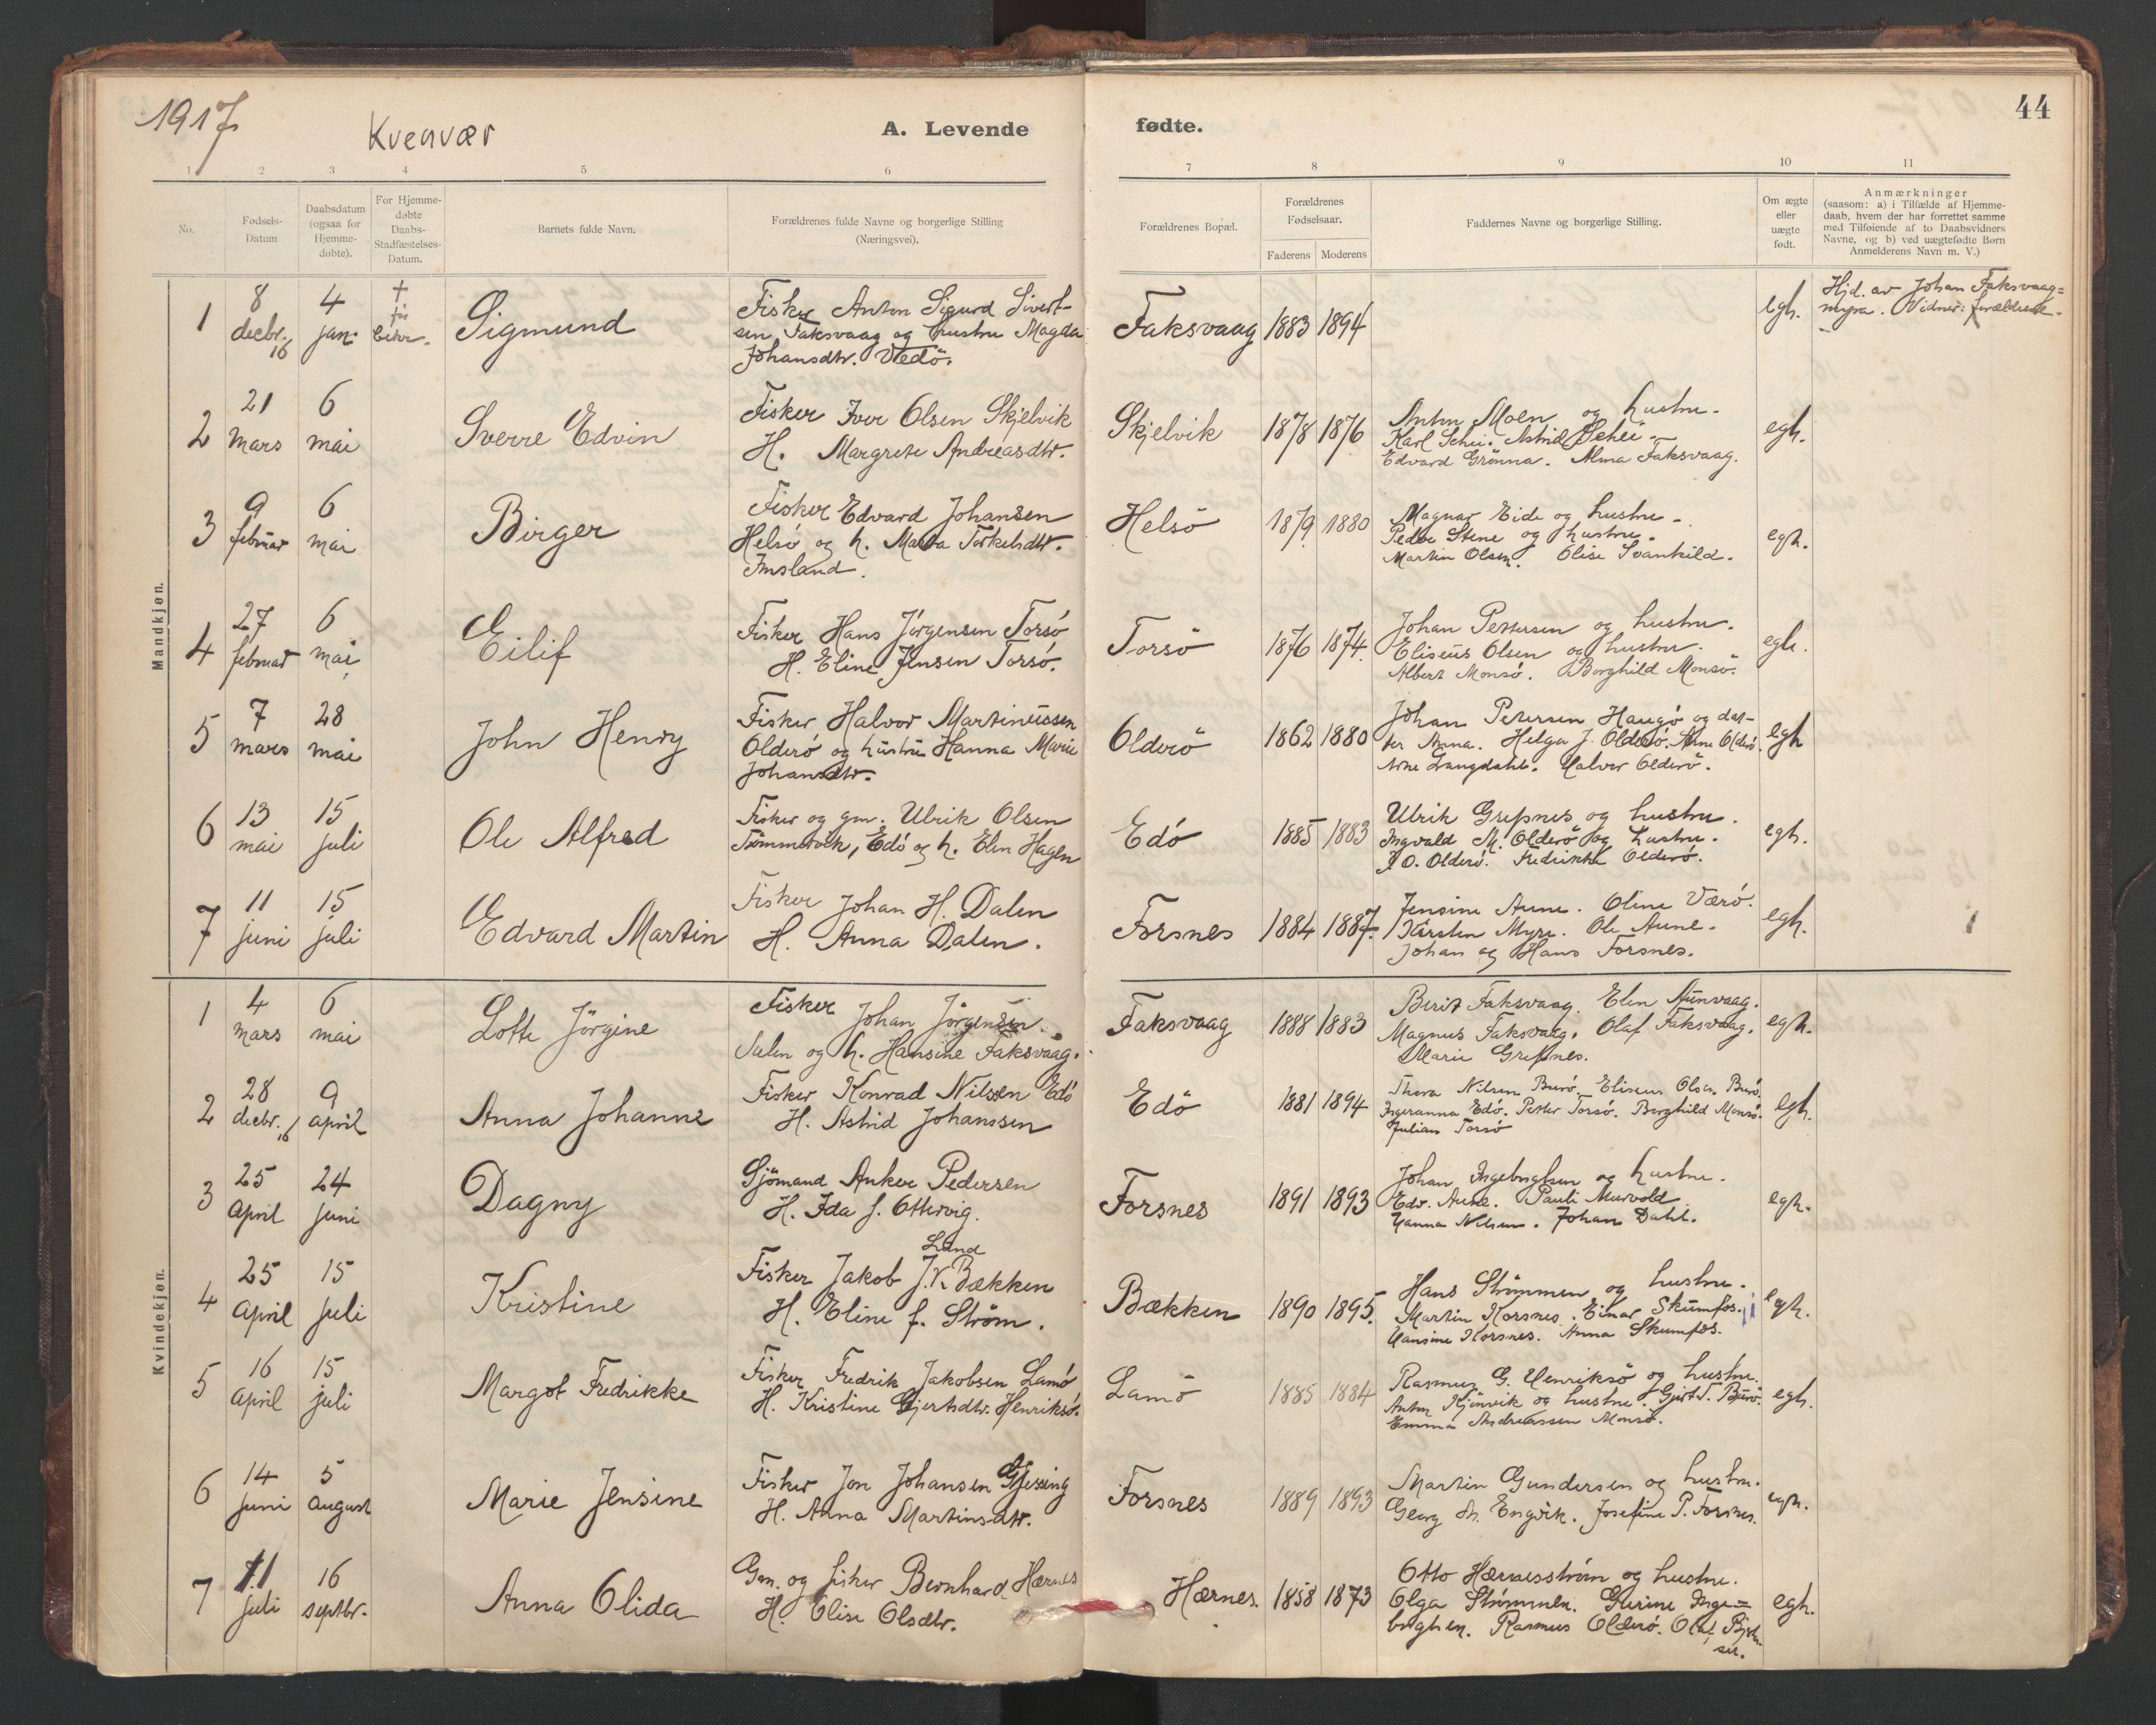 SAT, Ministerialprotokoller, klokkerbøker og fødselsregistre - Sør-Trøndelag, 635/L0552: Ministerialbok nr. 635A02, 1899-1919, s. 44